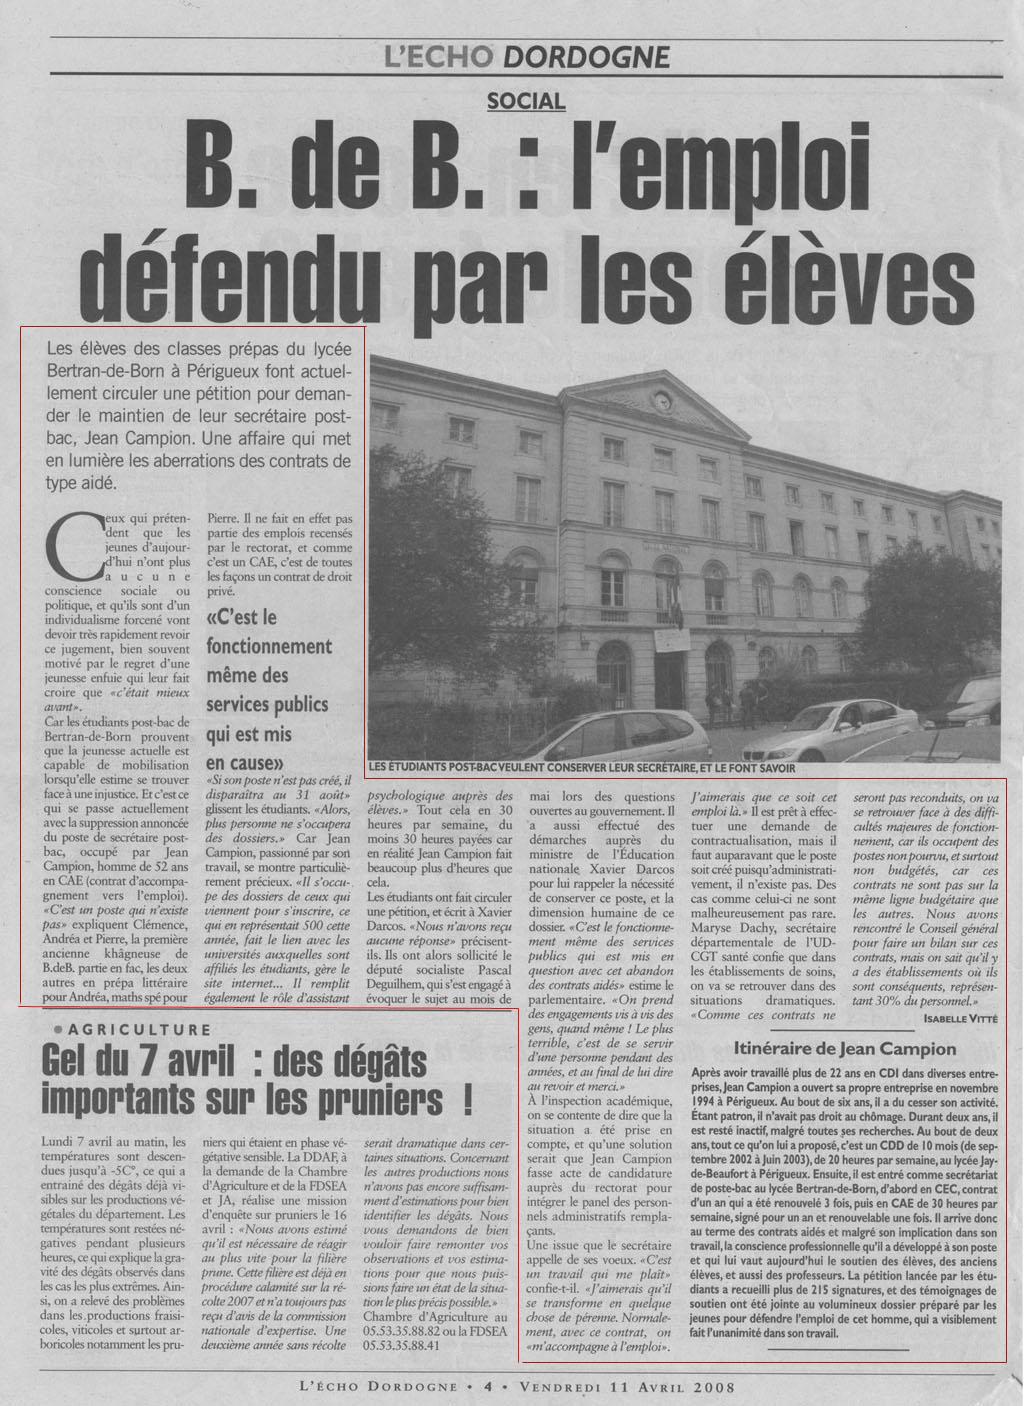 L'Echo de la dordogne 11 avril 2008